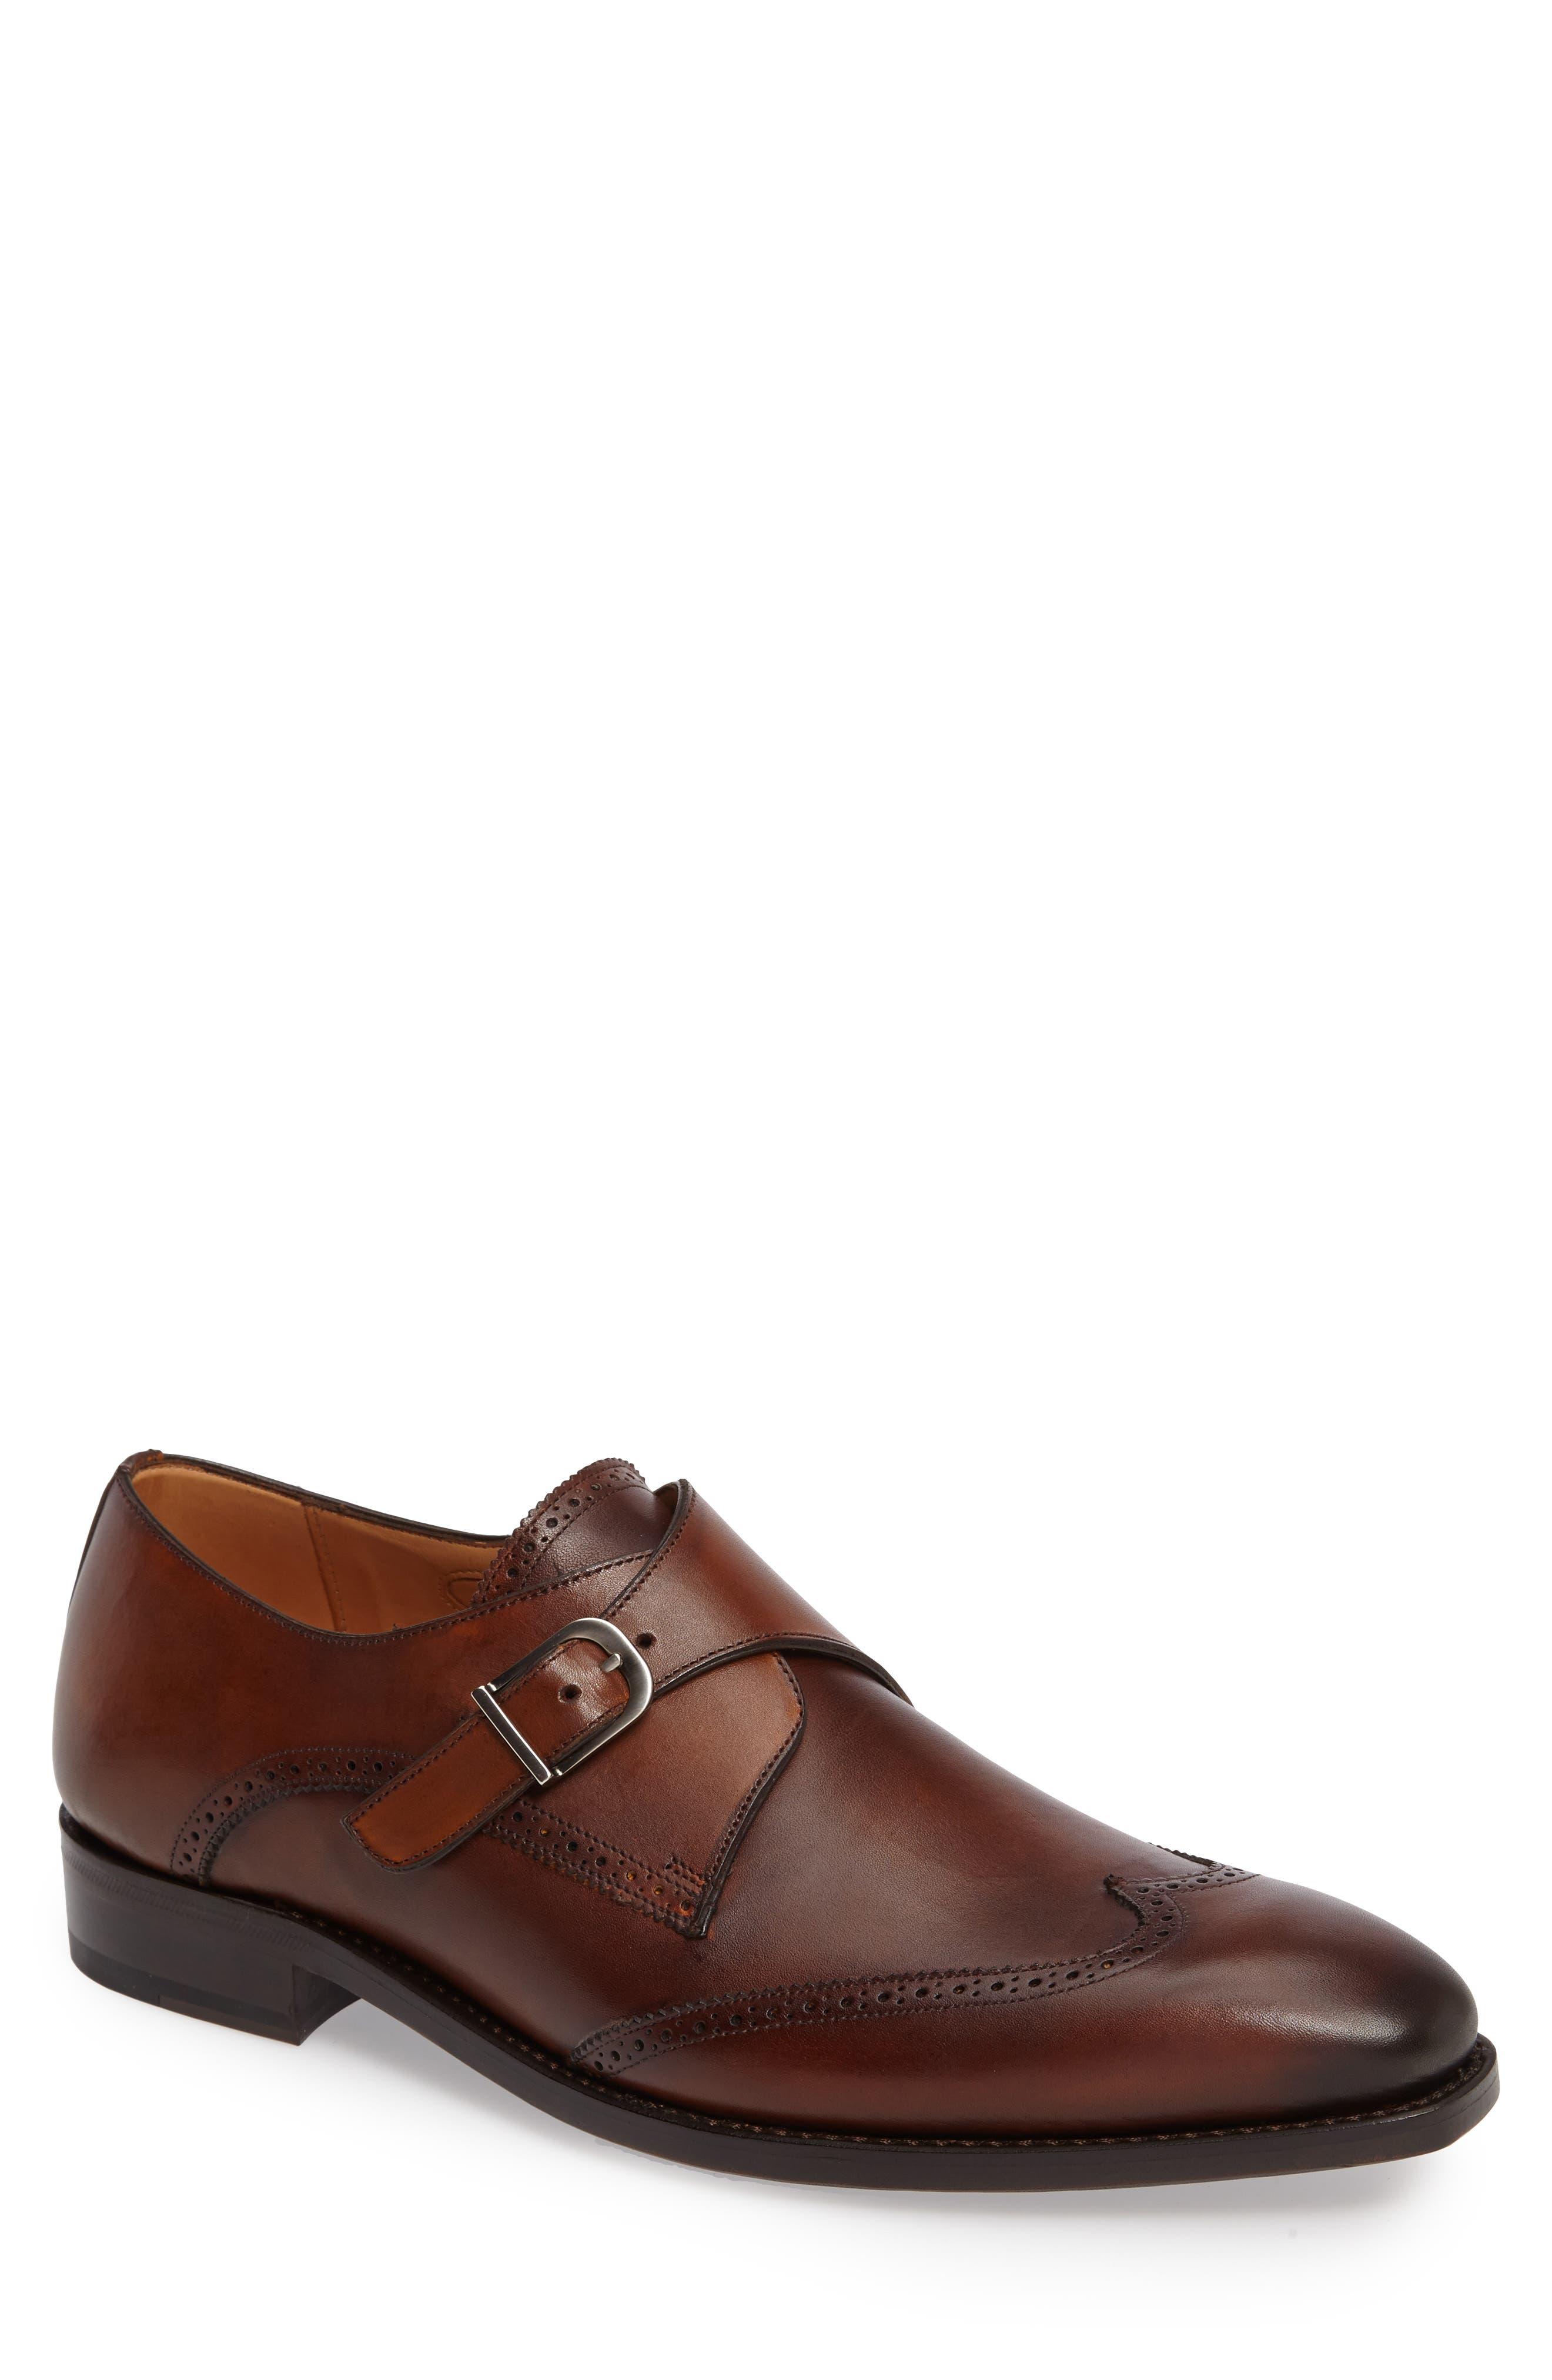 Main Image - Impronta by Mezlan G121 Wingtip Monk Strap Shoe (Men)